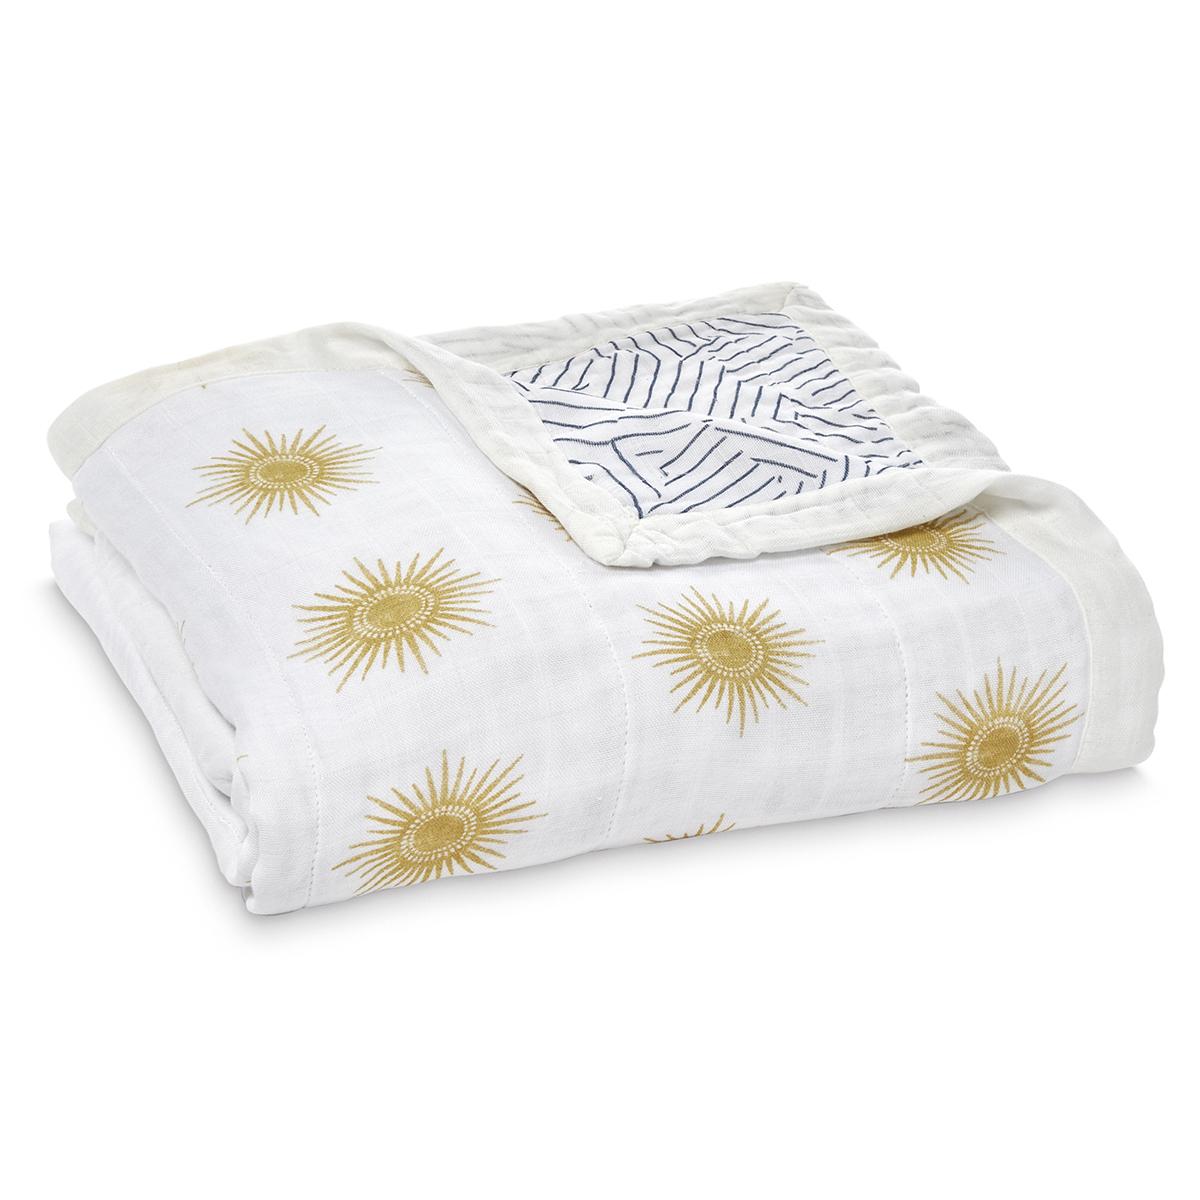 Linge de lit Couverture de Rêve Silky Soft - Golden Sun Couverture de Rêve Silky Soft - Golden Sun